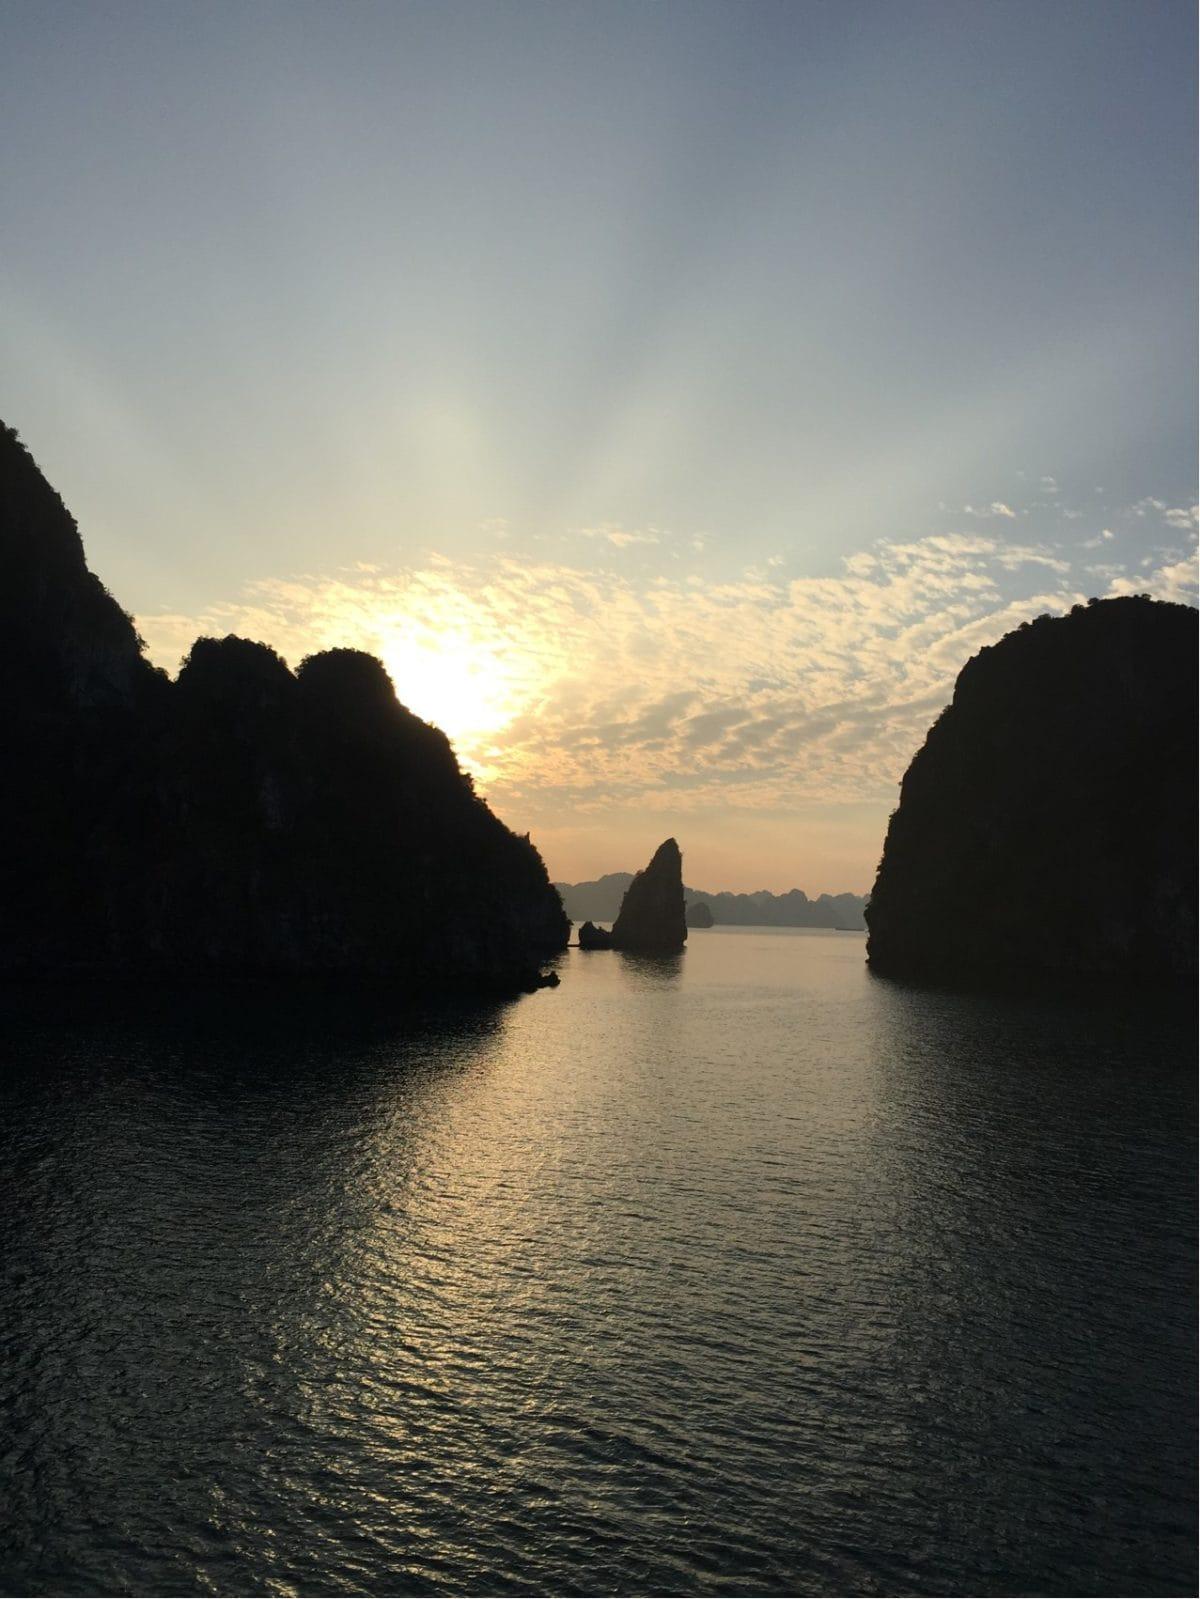 Coucher de soleil à la baie d'Along au Vietnam